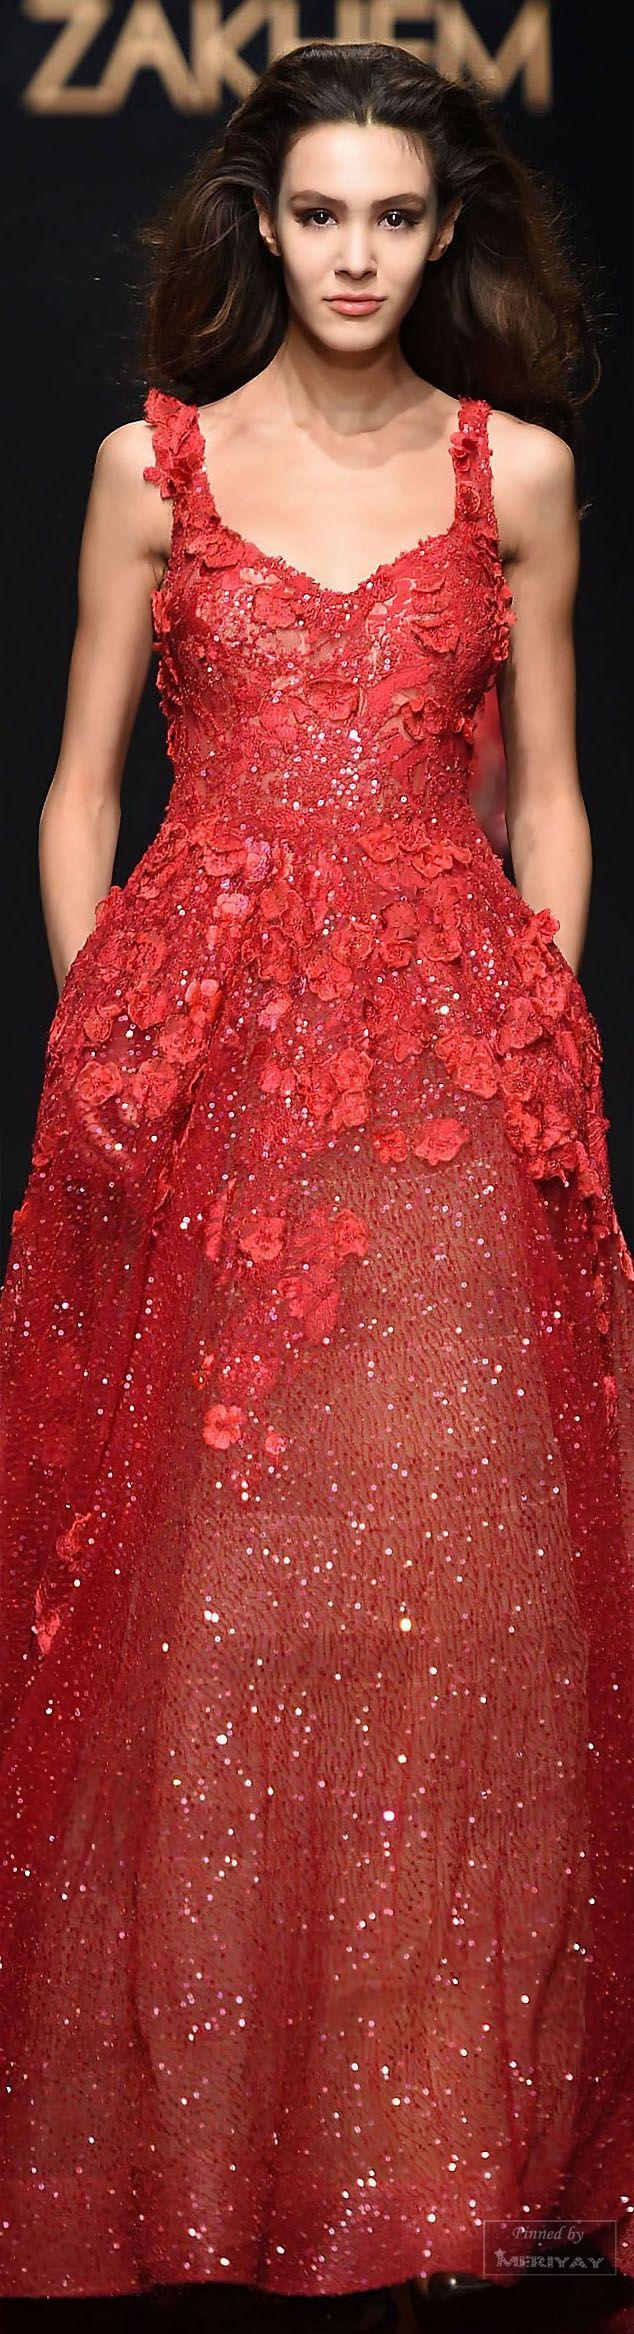 Rani Zakhem .Spring-summer 2015 - Couture. |╰☆╮ZPeacocks...╰☆╮|